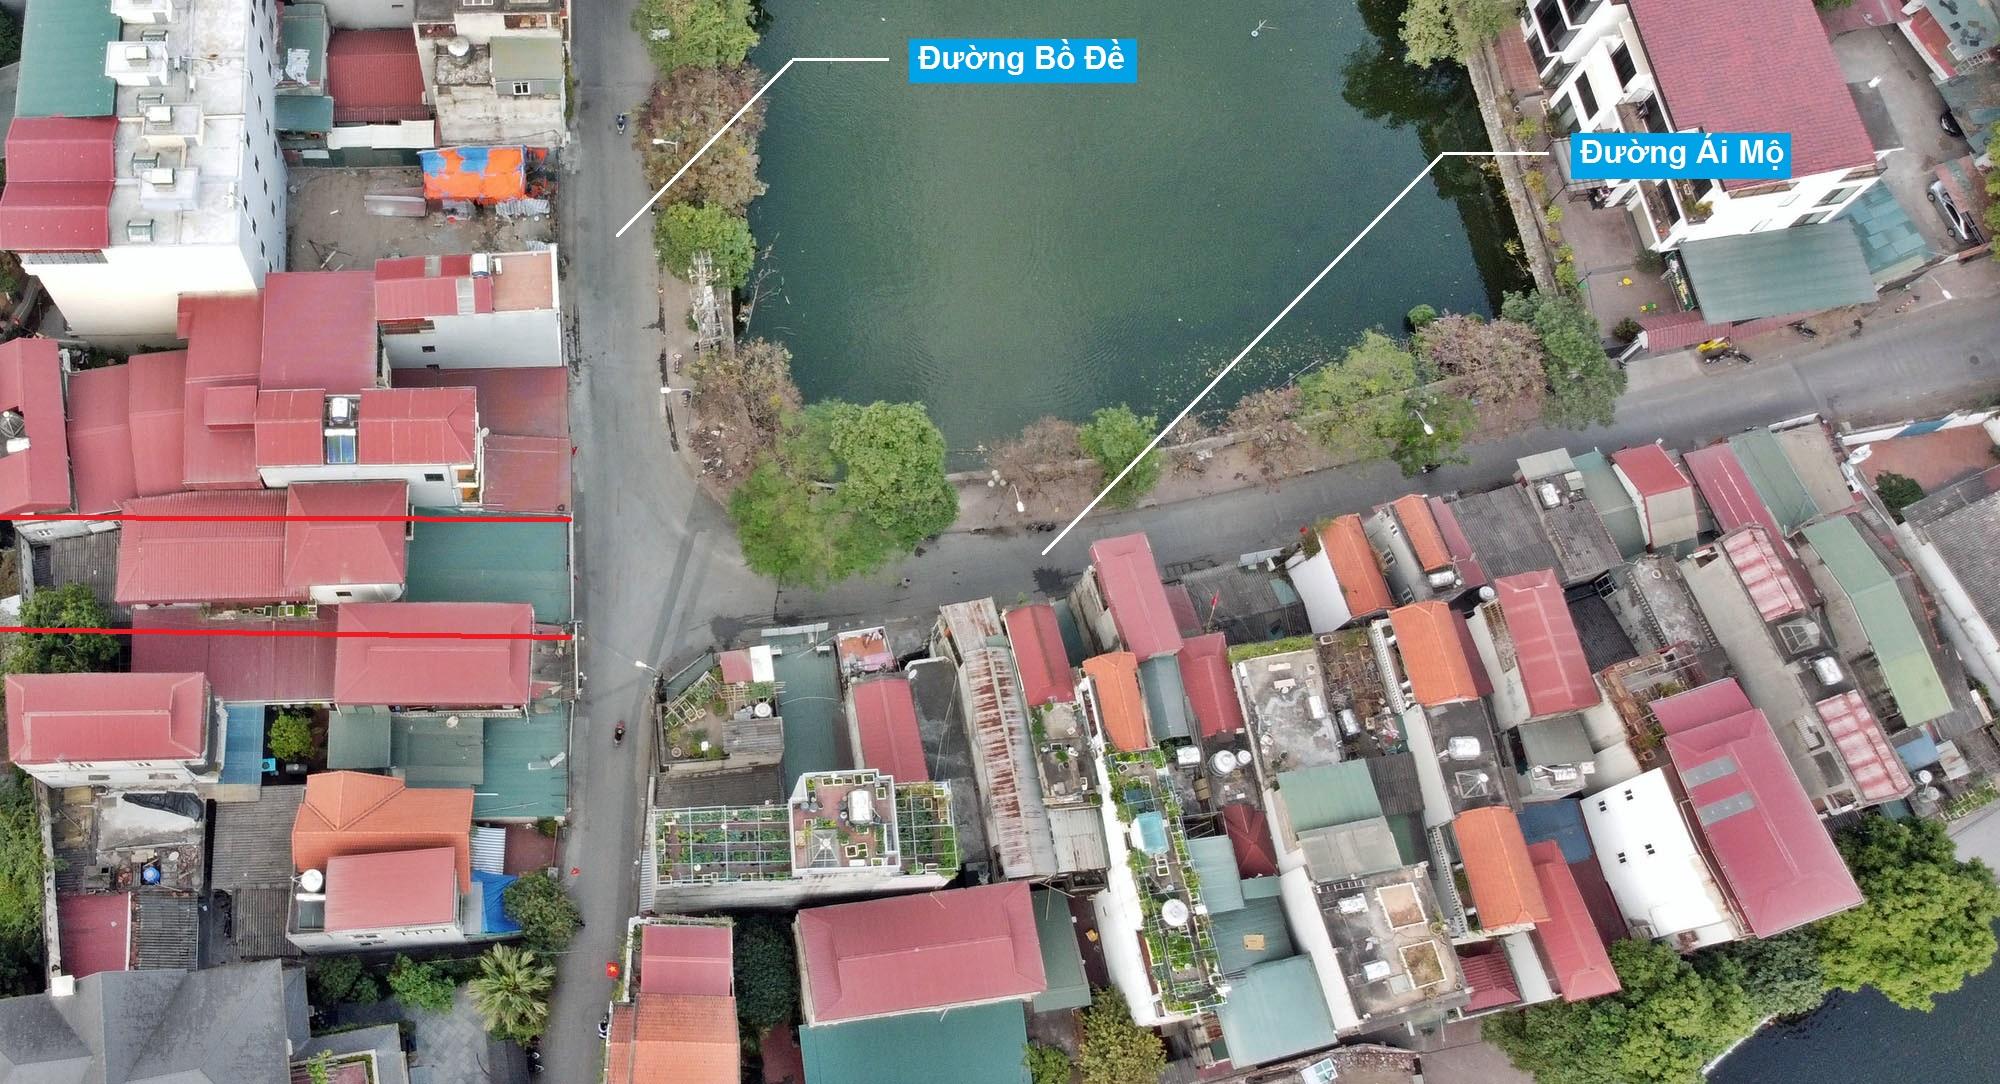 Ba đường sẽ mở theo qui hoạch ở phường Bồ Đề, Long Biên, Hà Nội (phần 2) - Ảnh 4.